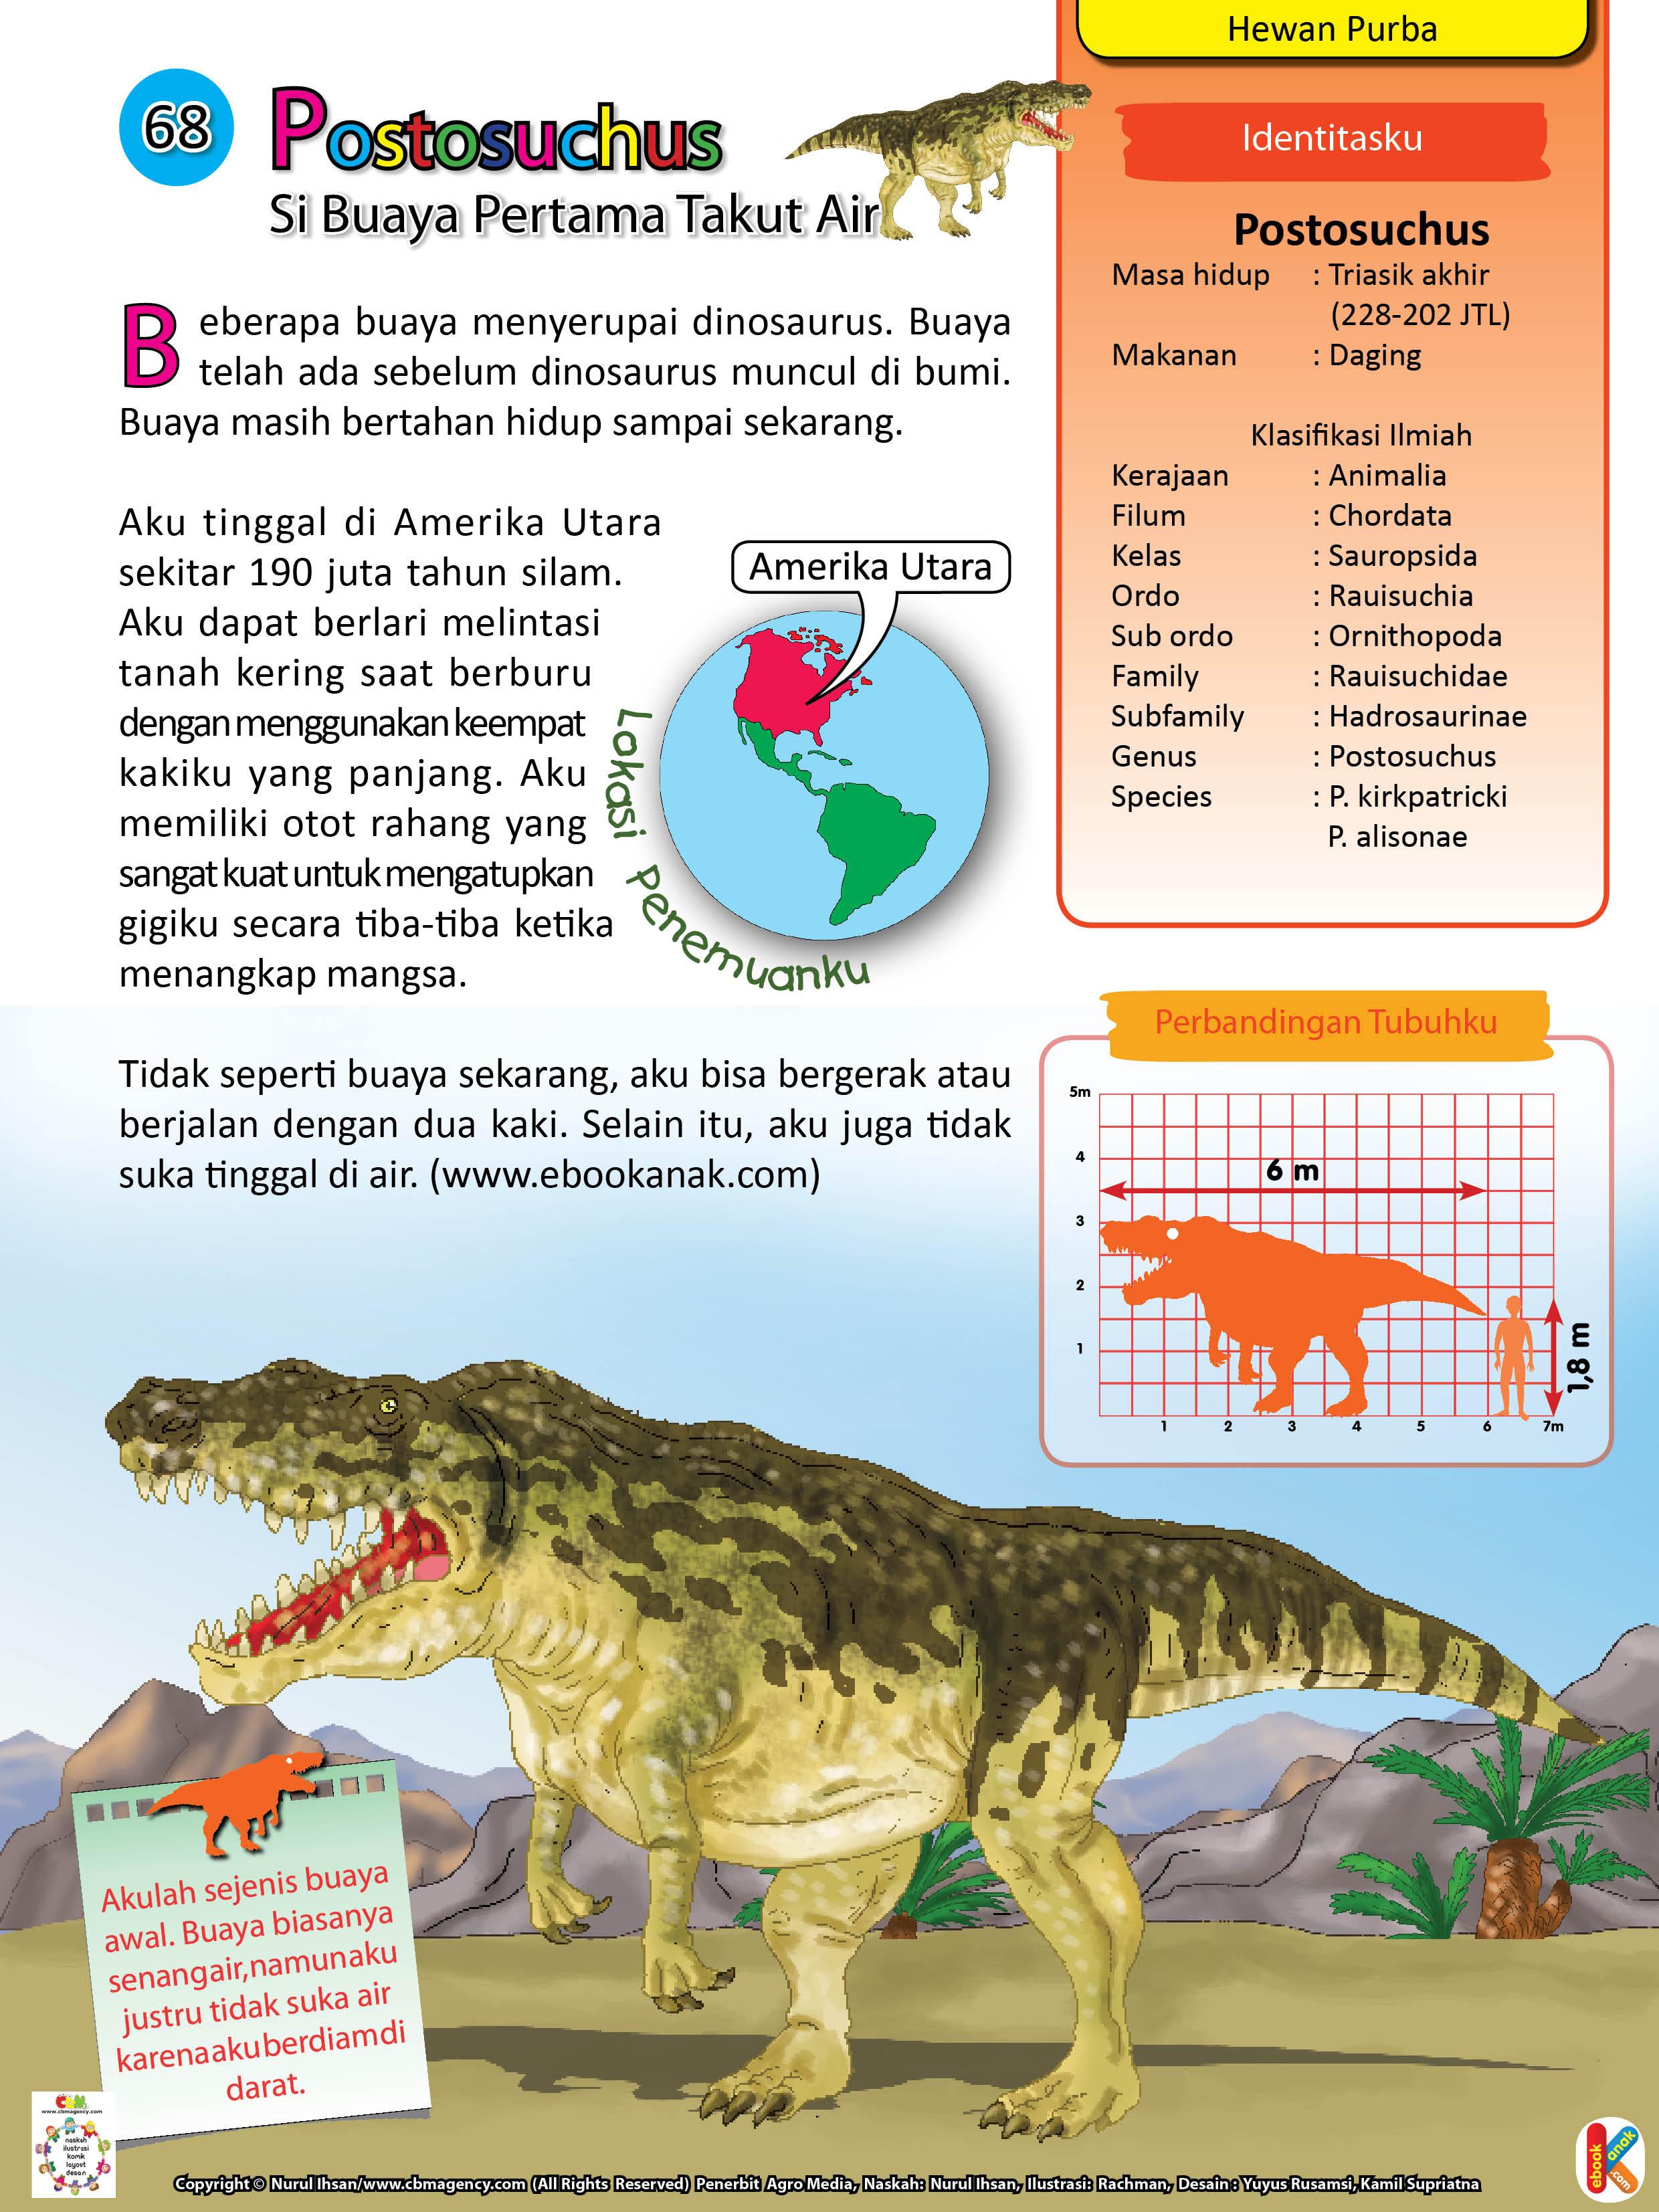 Postosuchus dapat berlari melintasi tanah kering saat berburu dengan menggunakan keempat kakinya yang panjang.